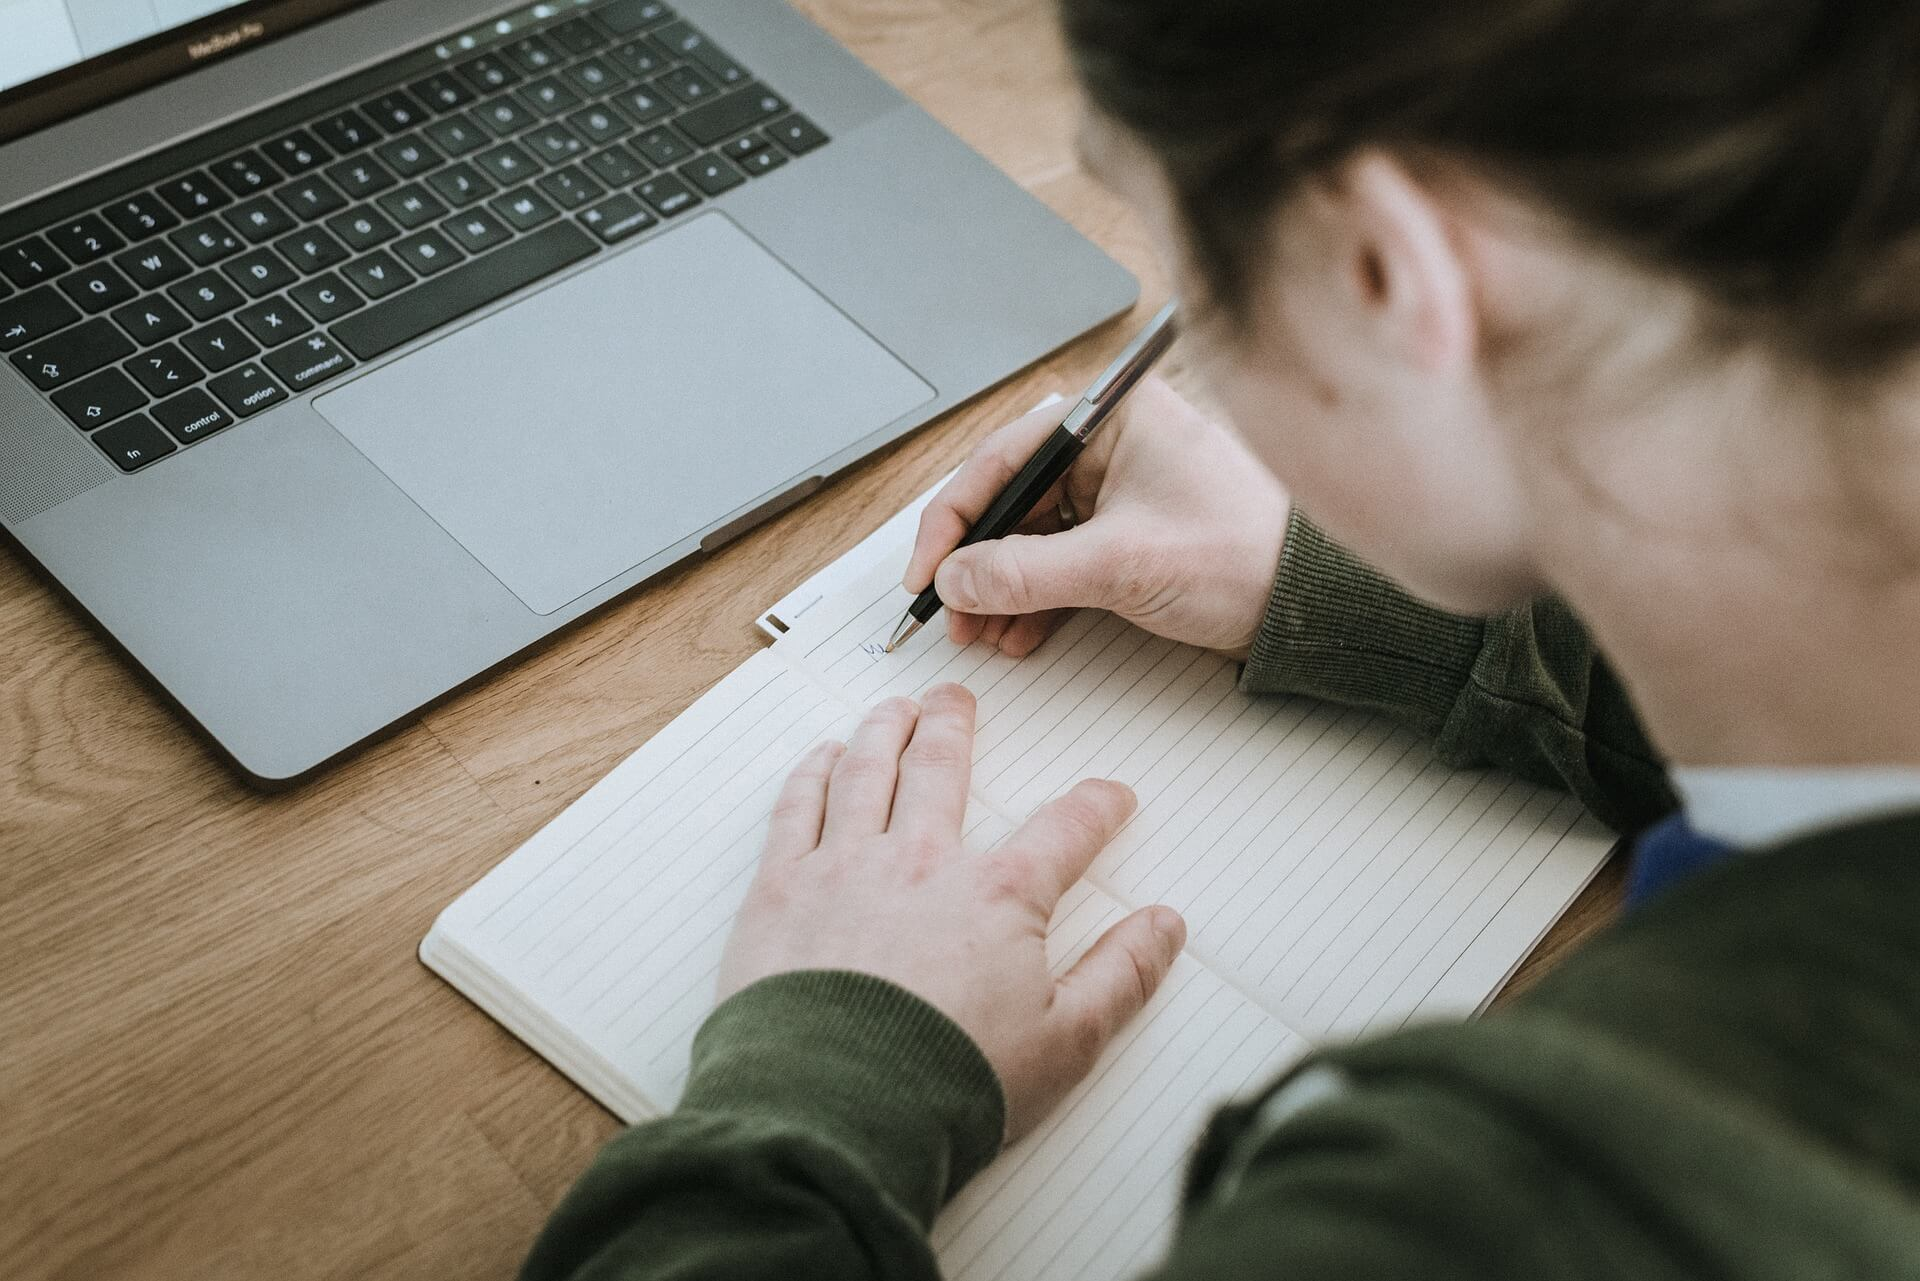 Dlaczego długopis zostawia ślad na kartce?